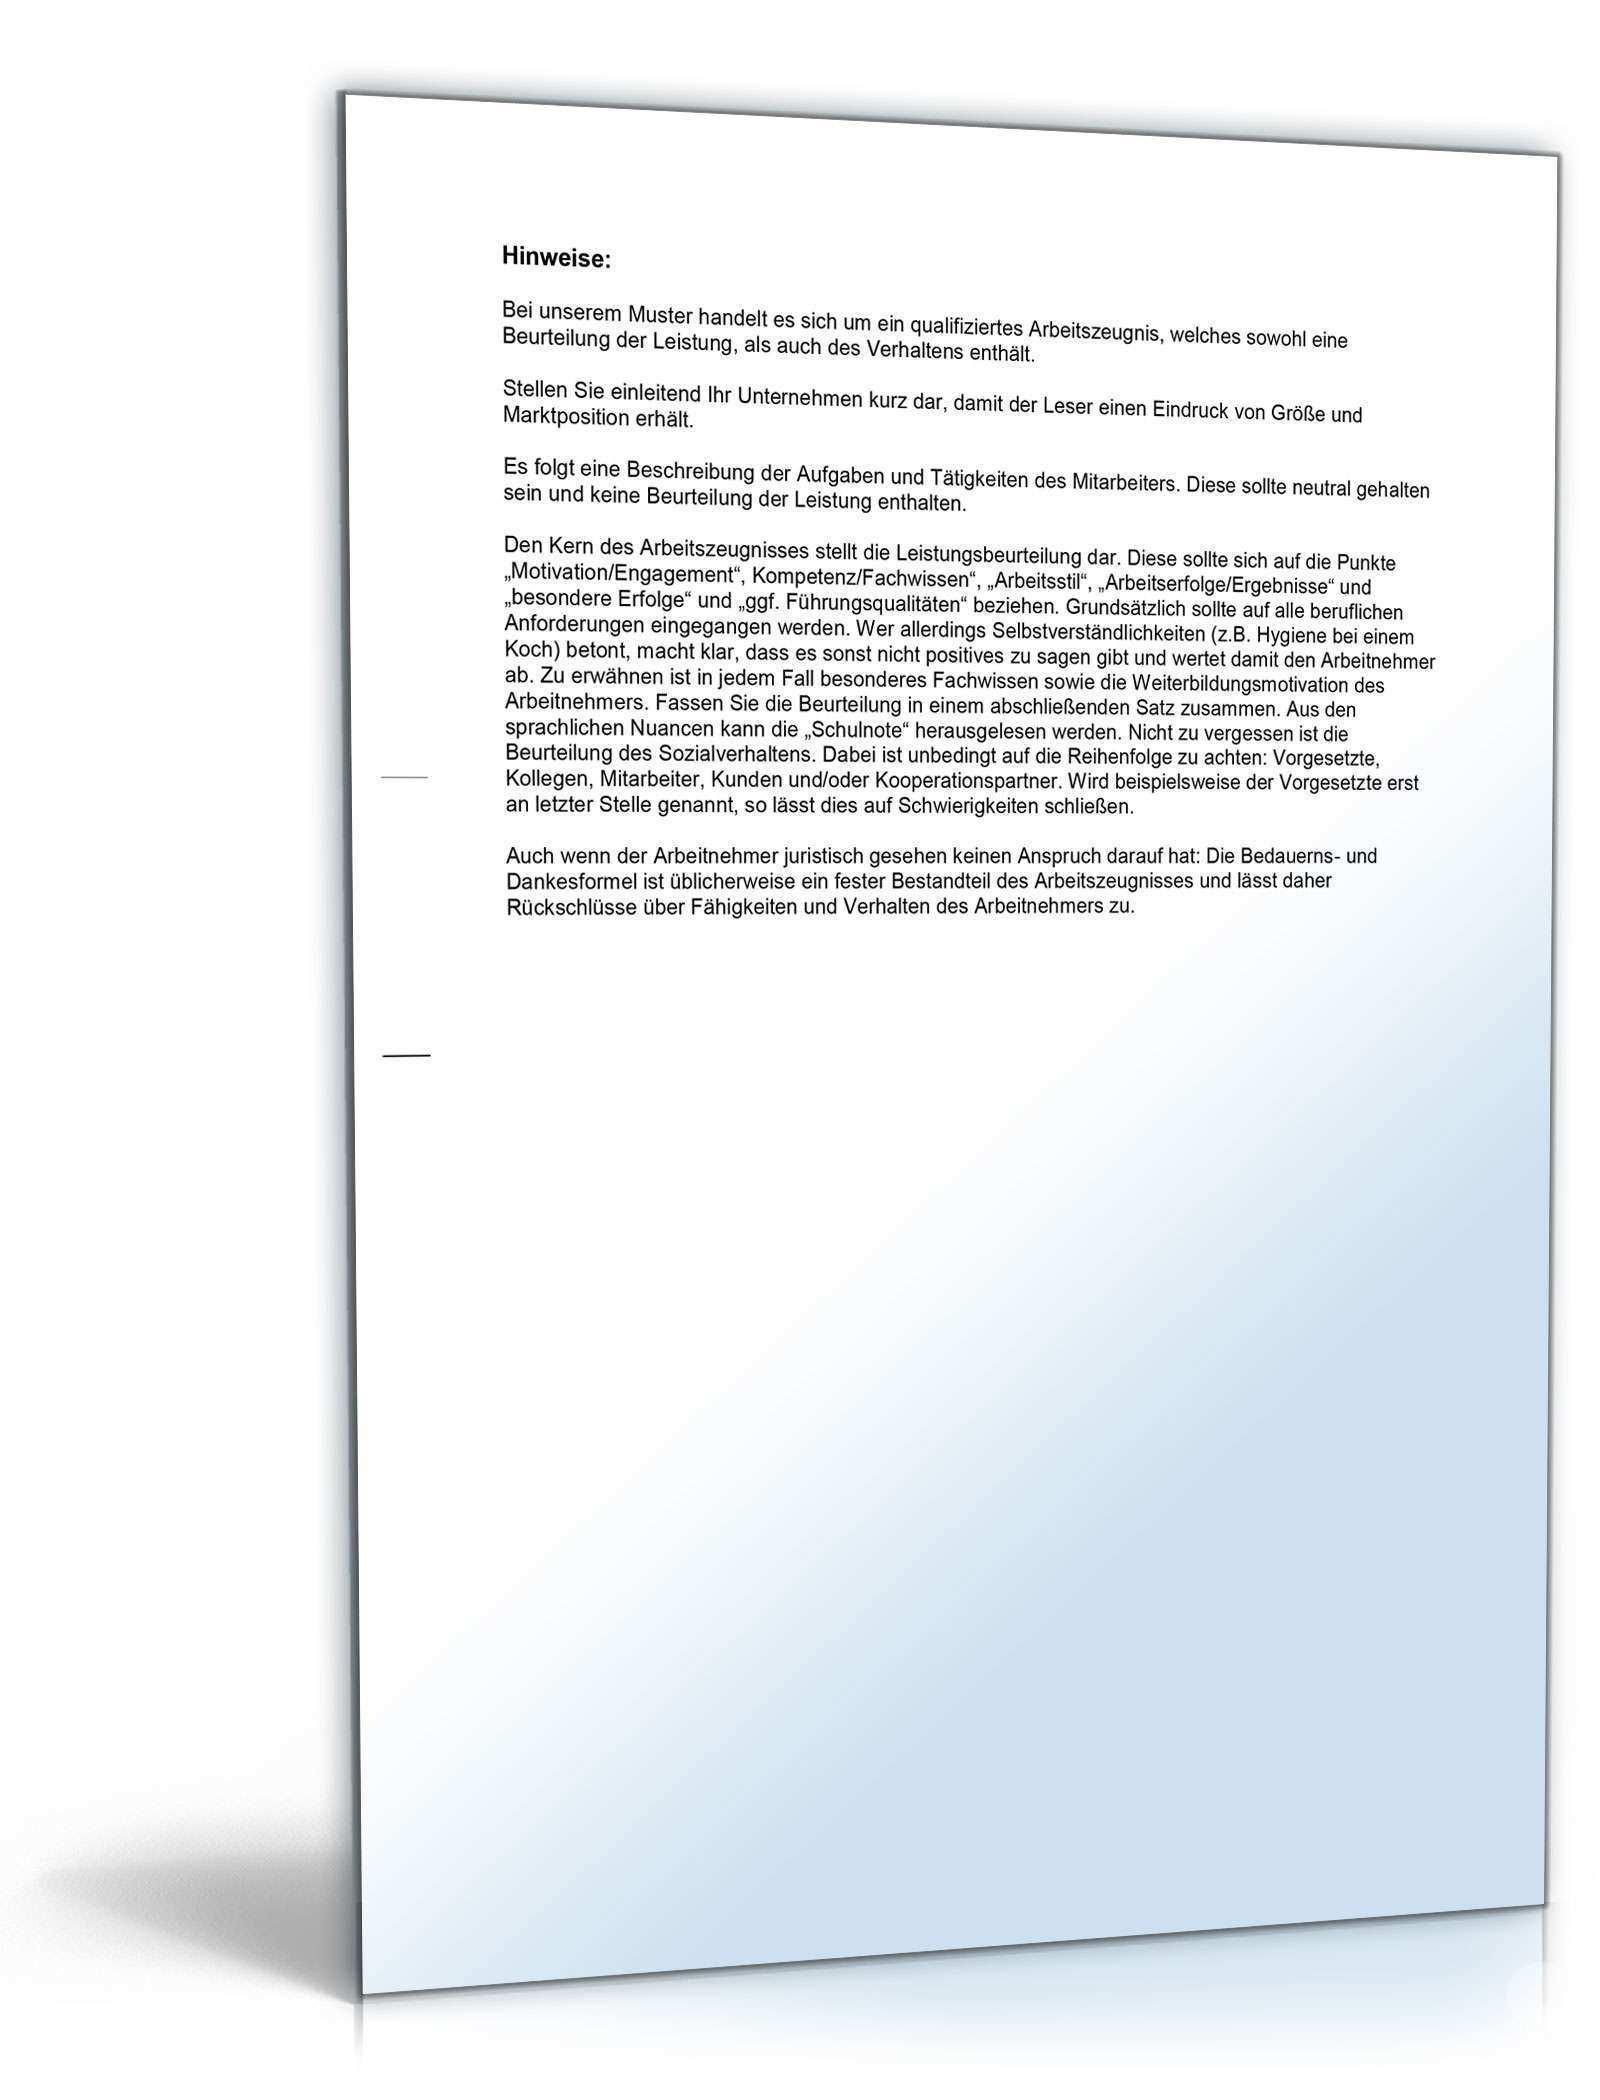 Arbeitszeugnis Schweisser Rechtssichere Muster Zum Download